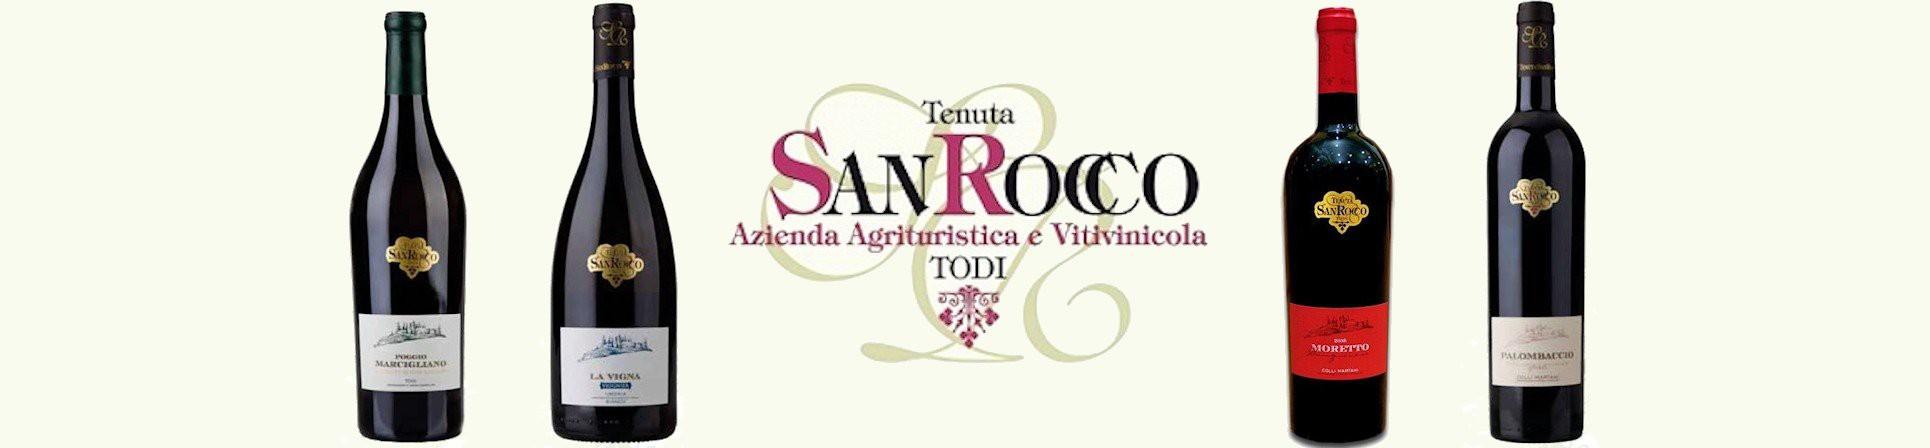 Cantina San Rocco - Grechetto di Todi - vendita online